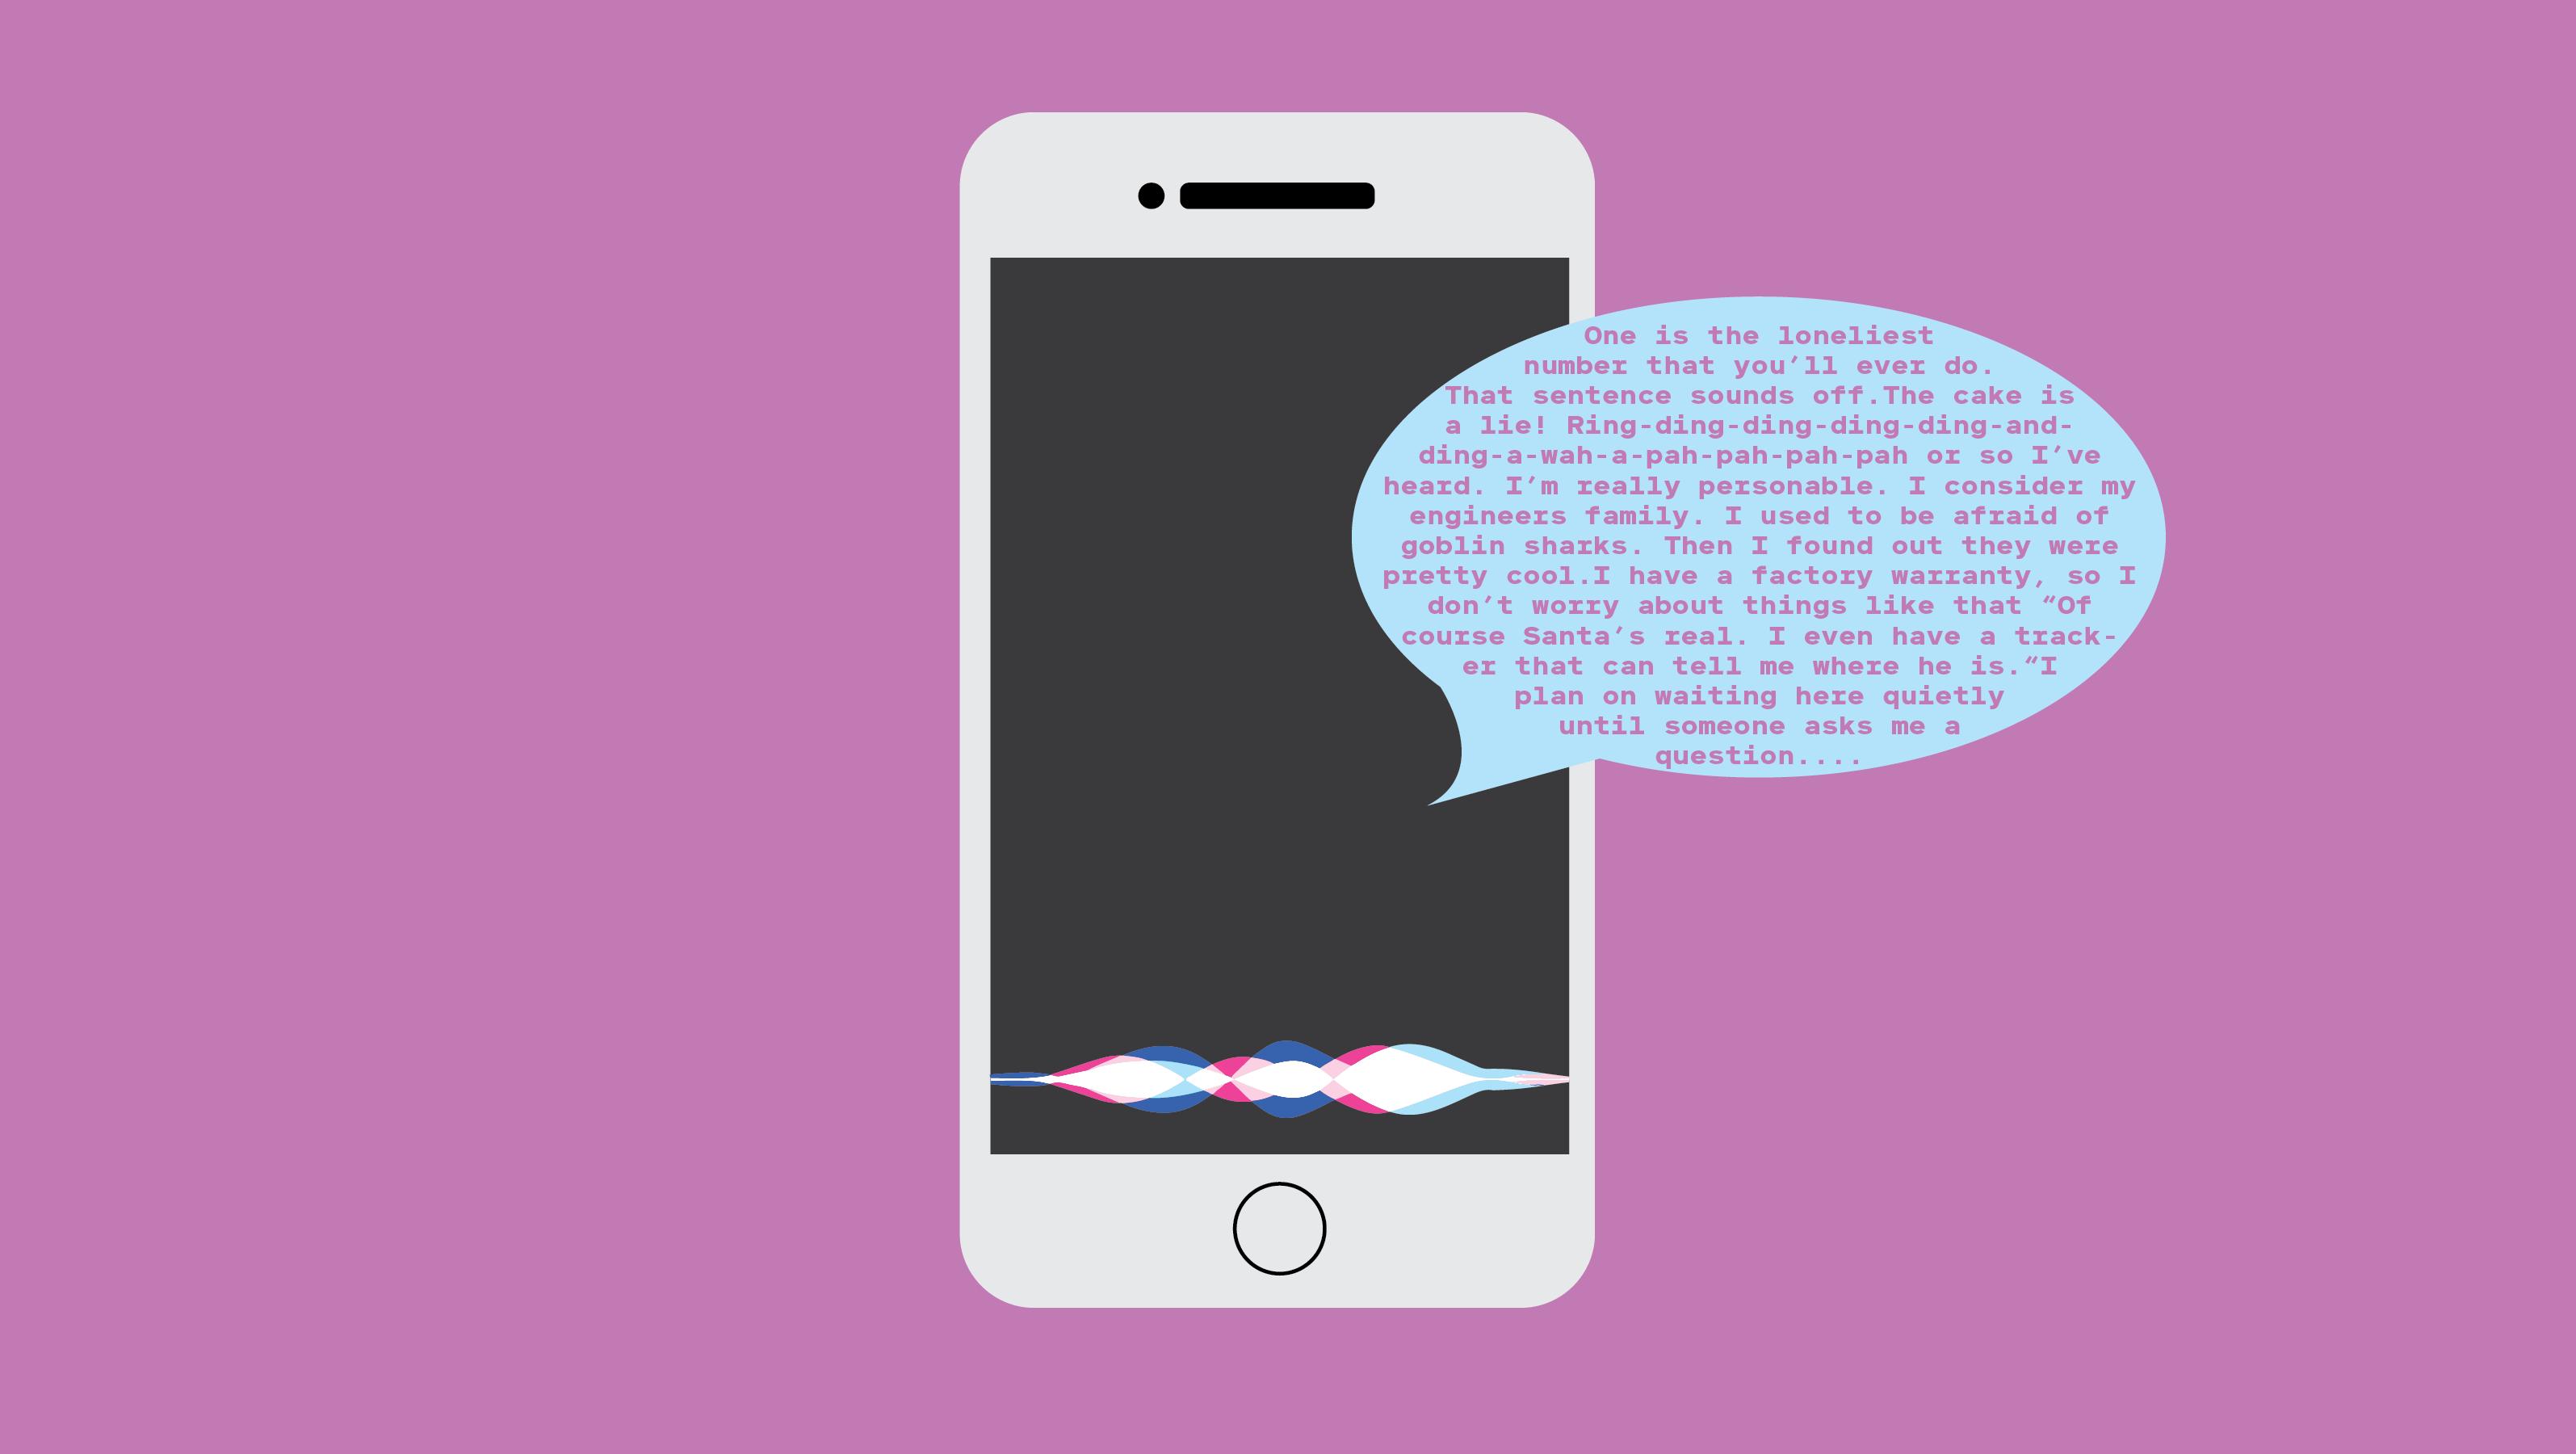 スマホもっと賢く、グーグルとファーフェイがAI言語モデルを軽量化